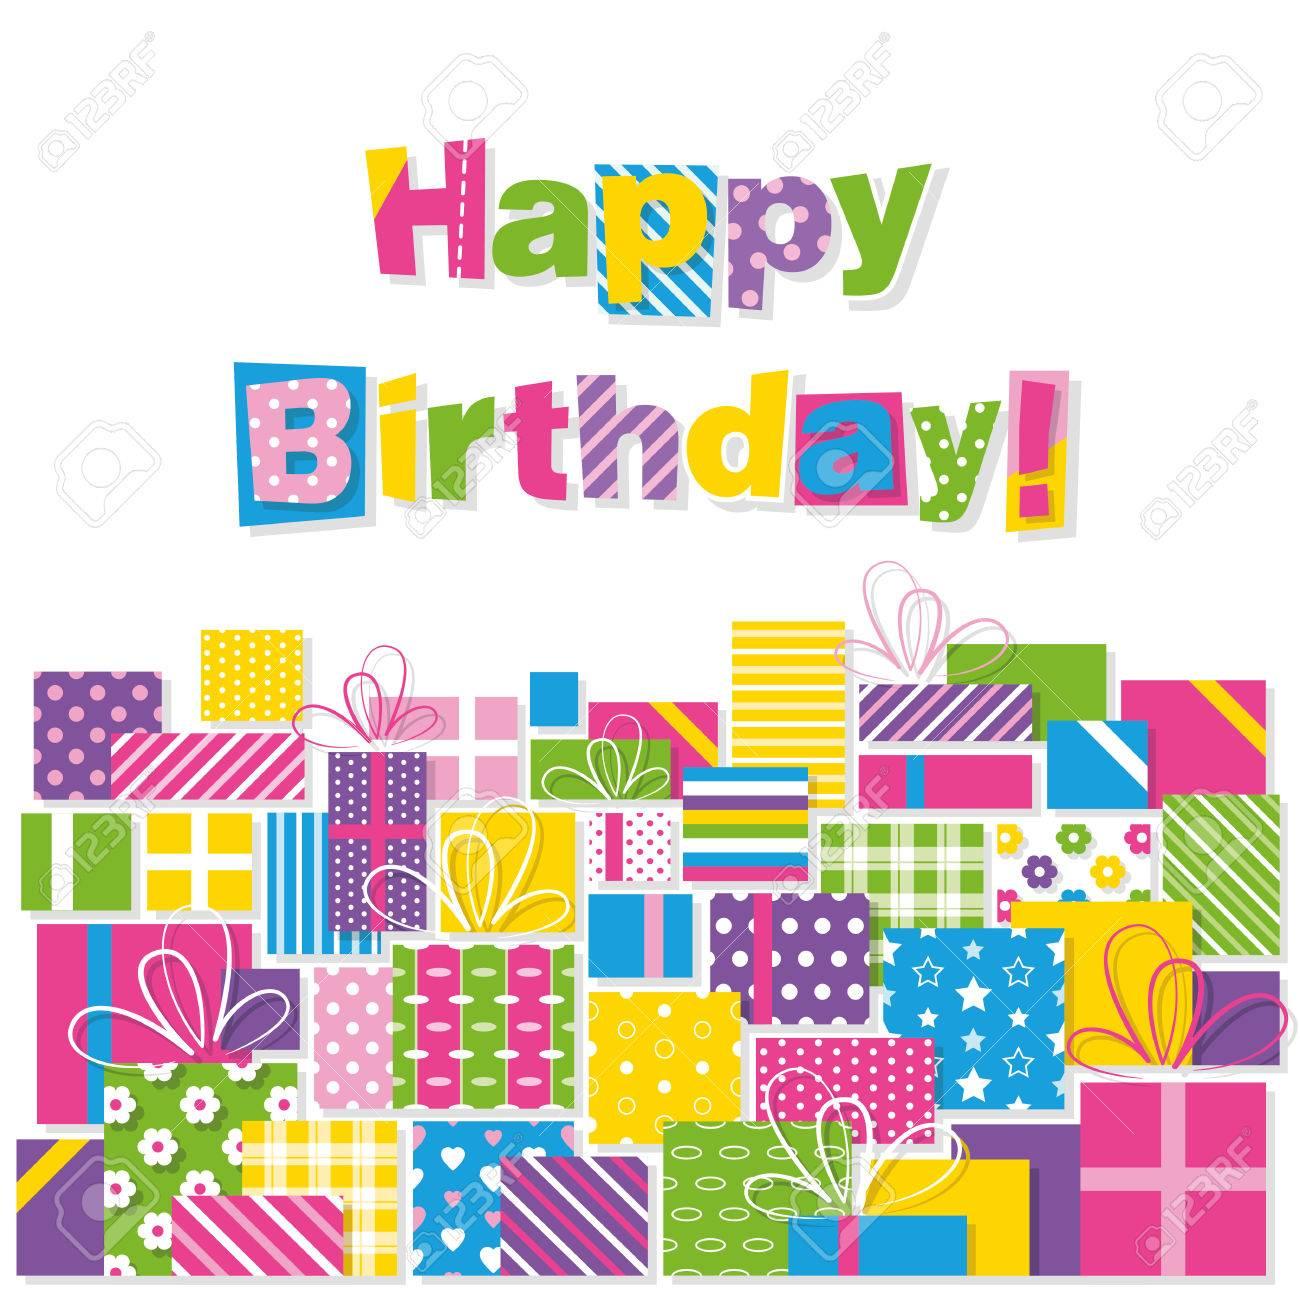 Images of happy birthday presents